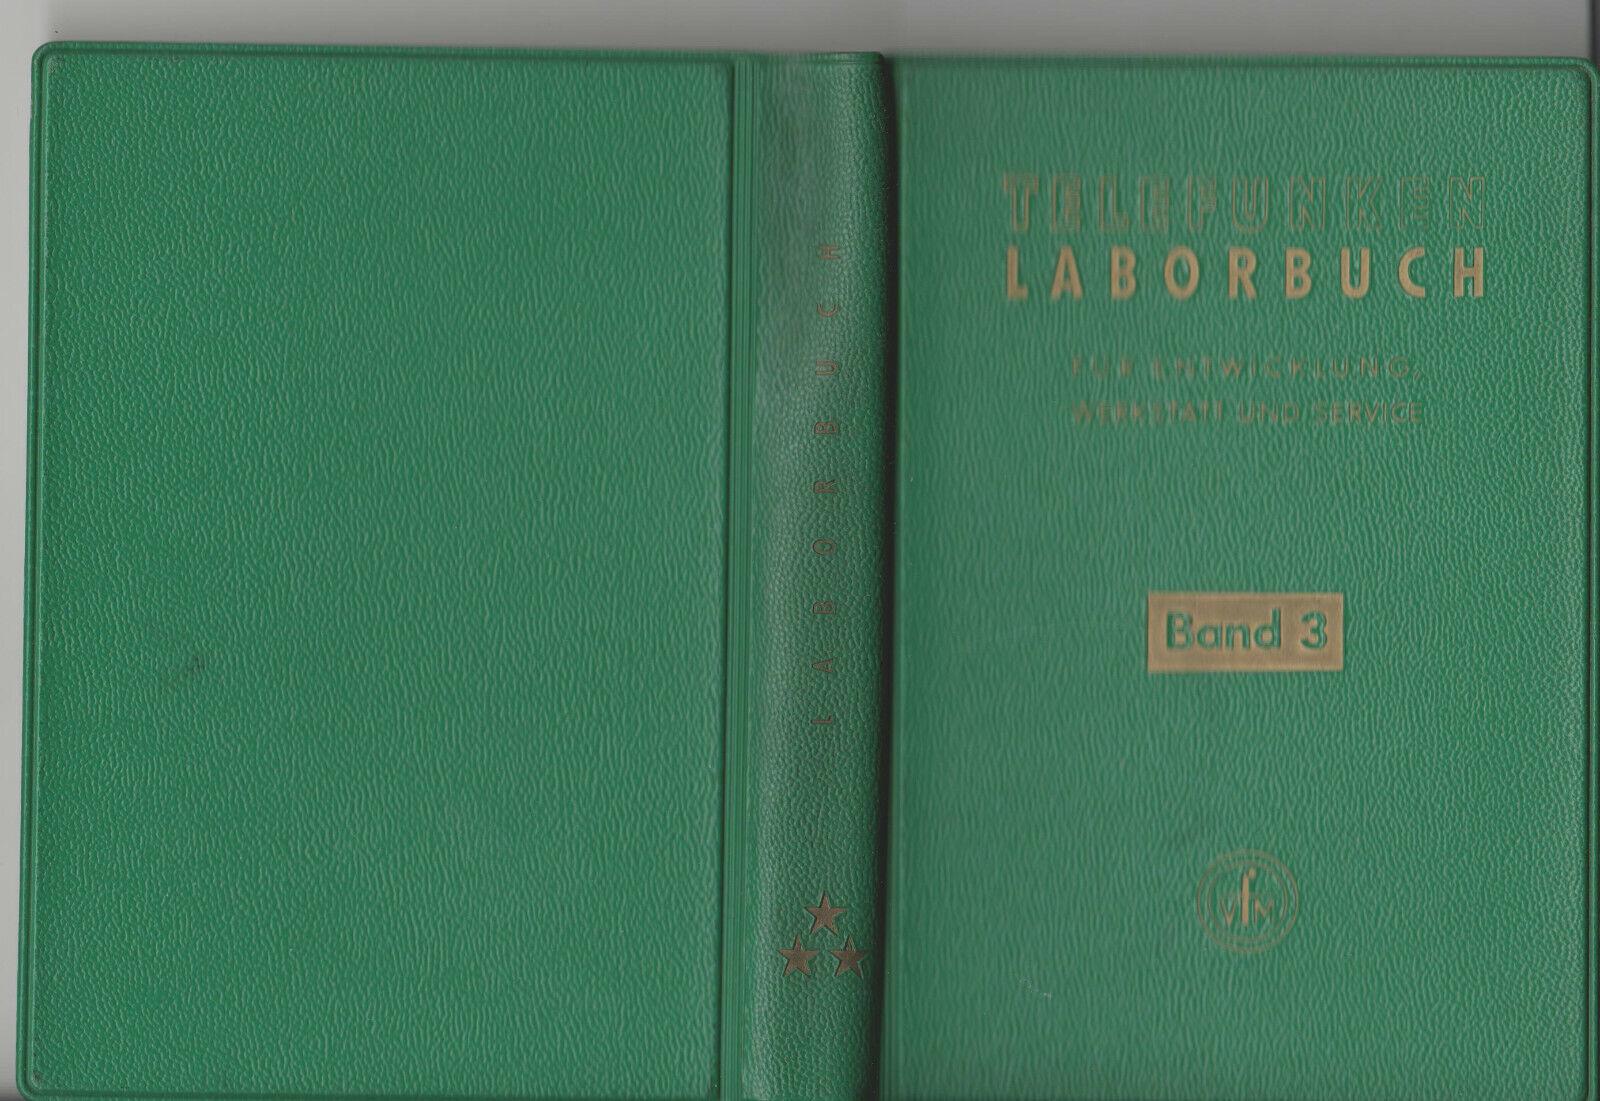 Telefunken Laborbuch,Band 3 /Für Entwicklung, Werkstatt u.Service /Franzis, 1964